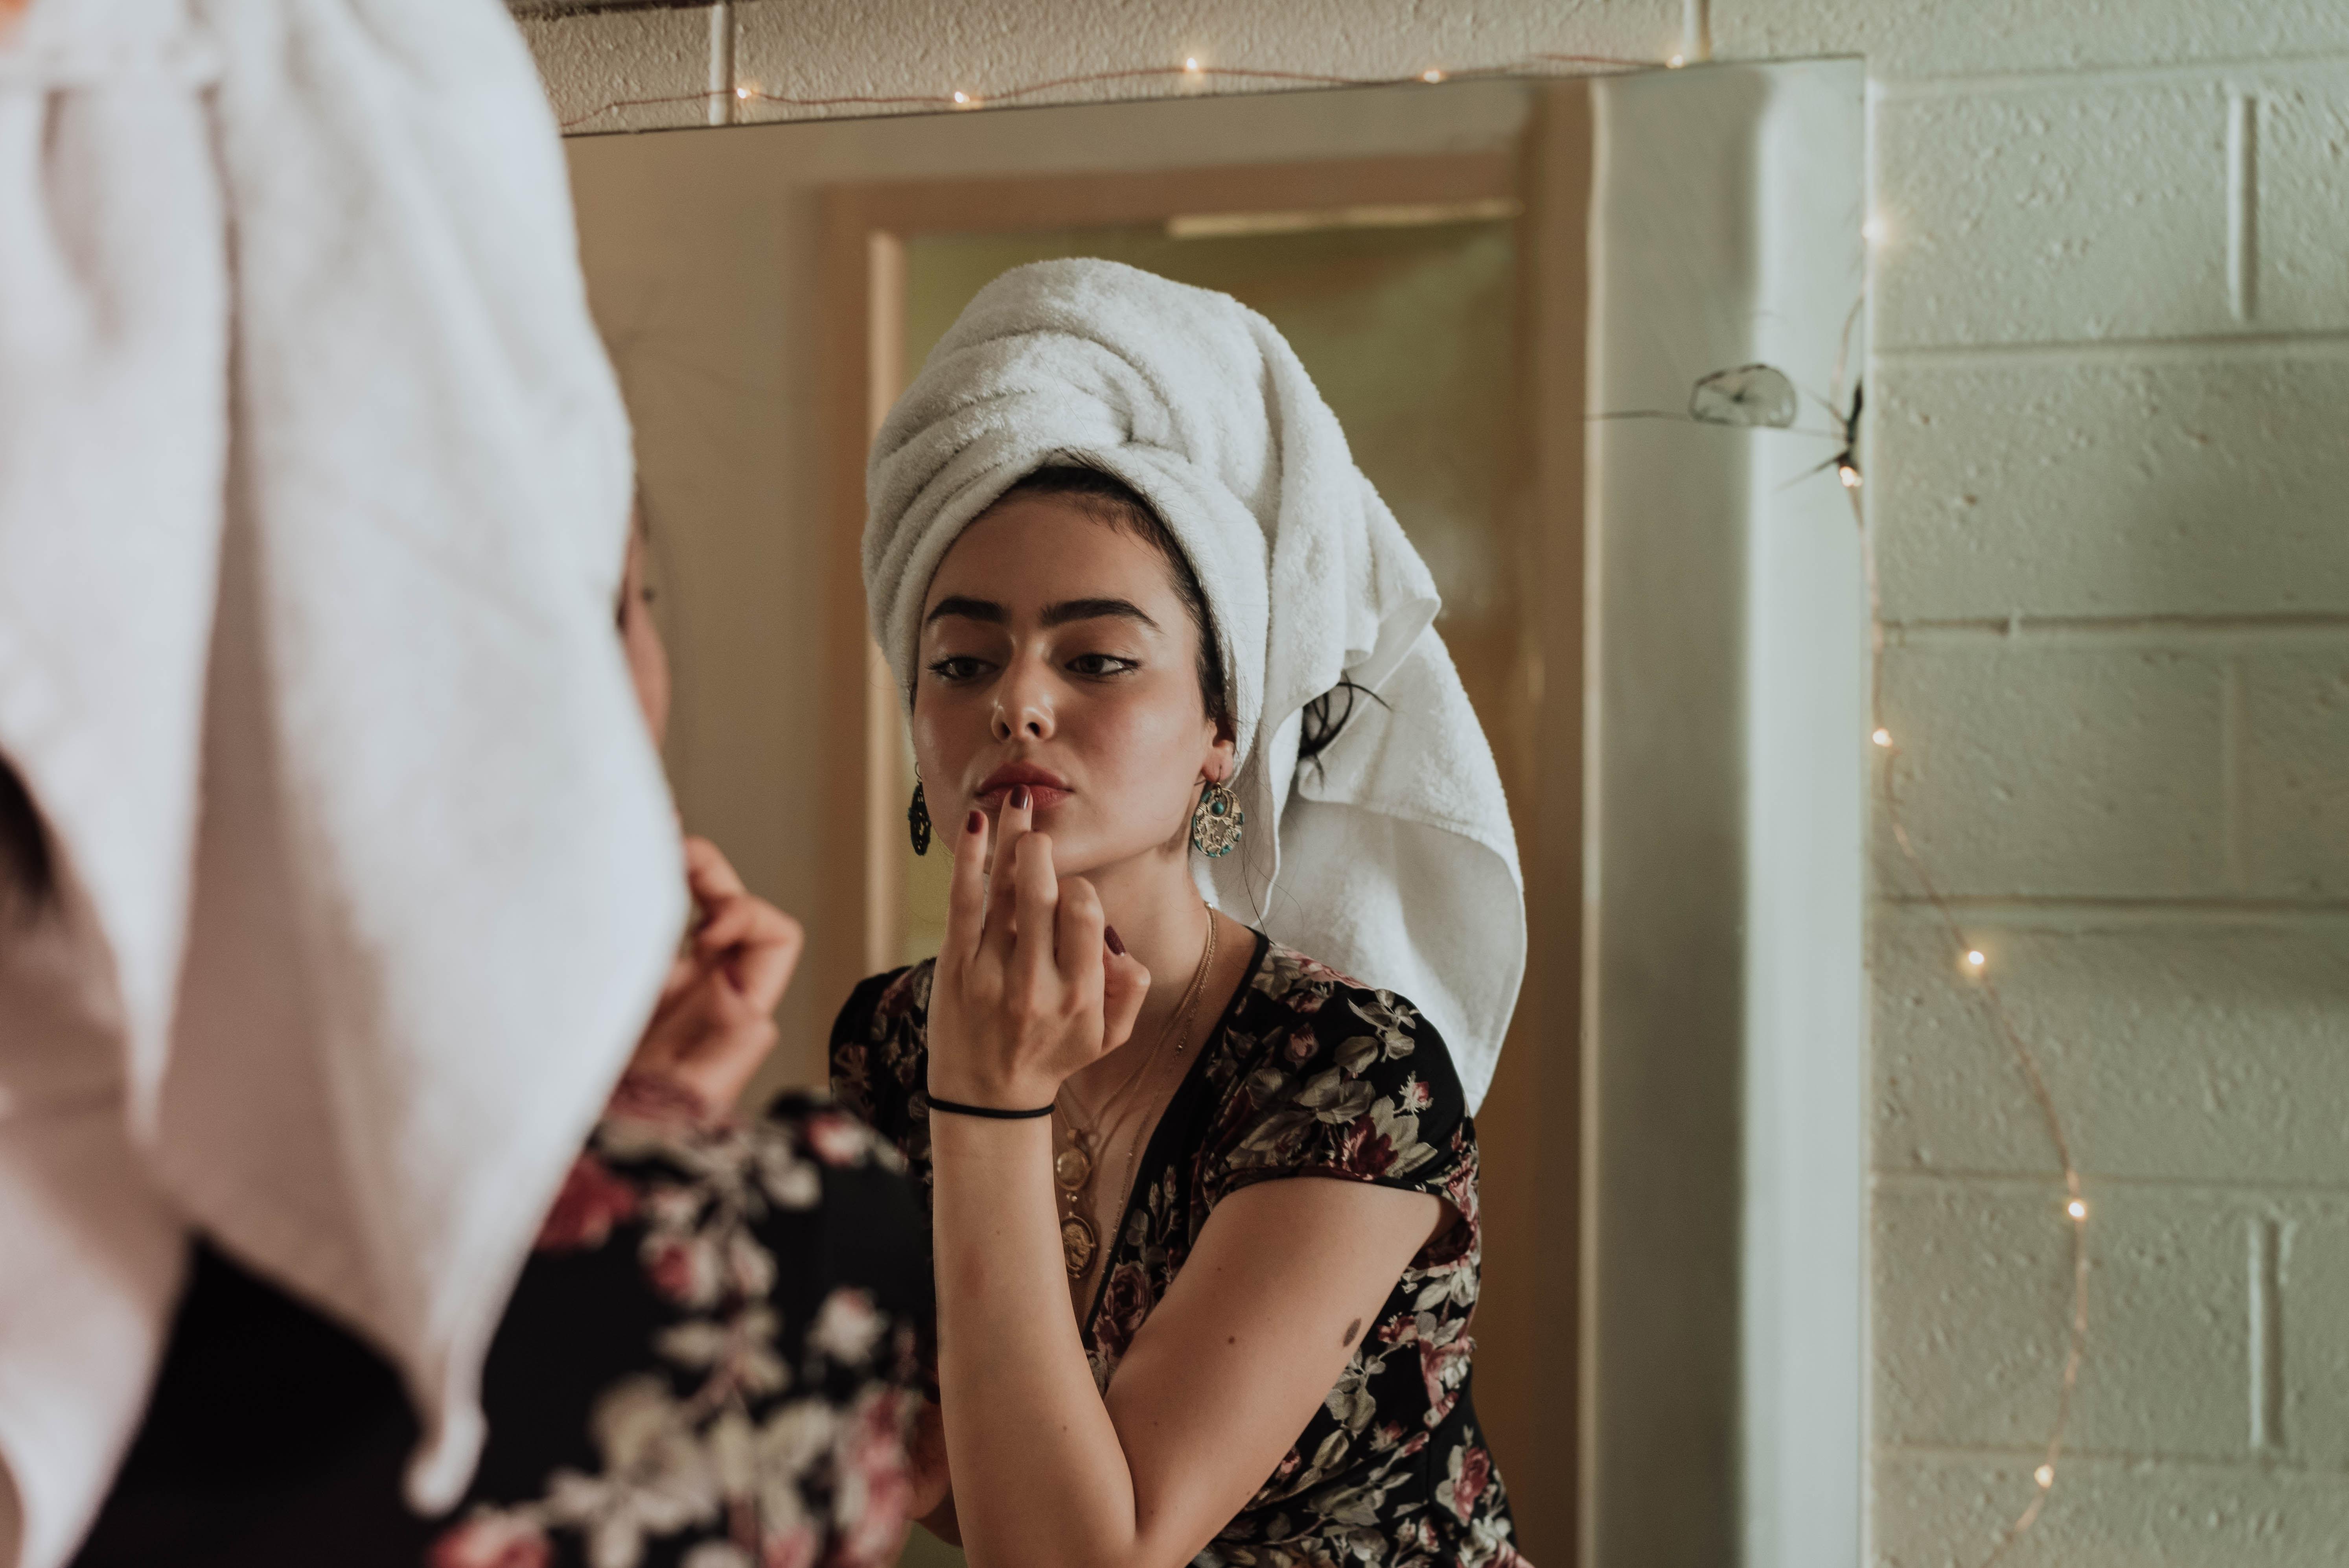 Pielęgnacja skóry w domu - 1 (fot. unsplash.com)